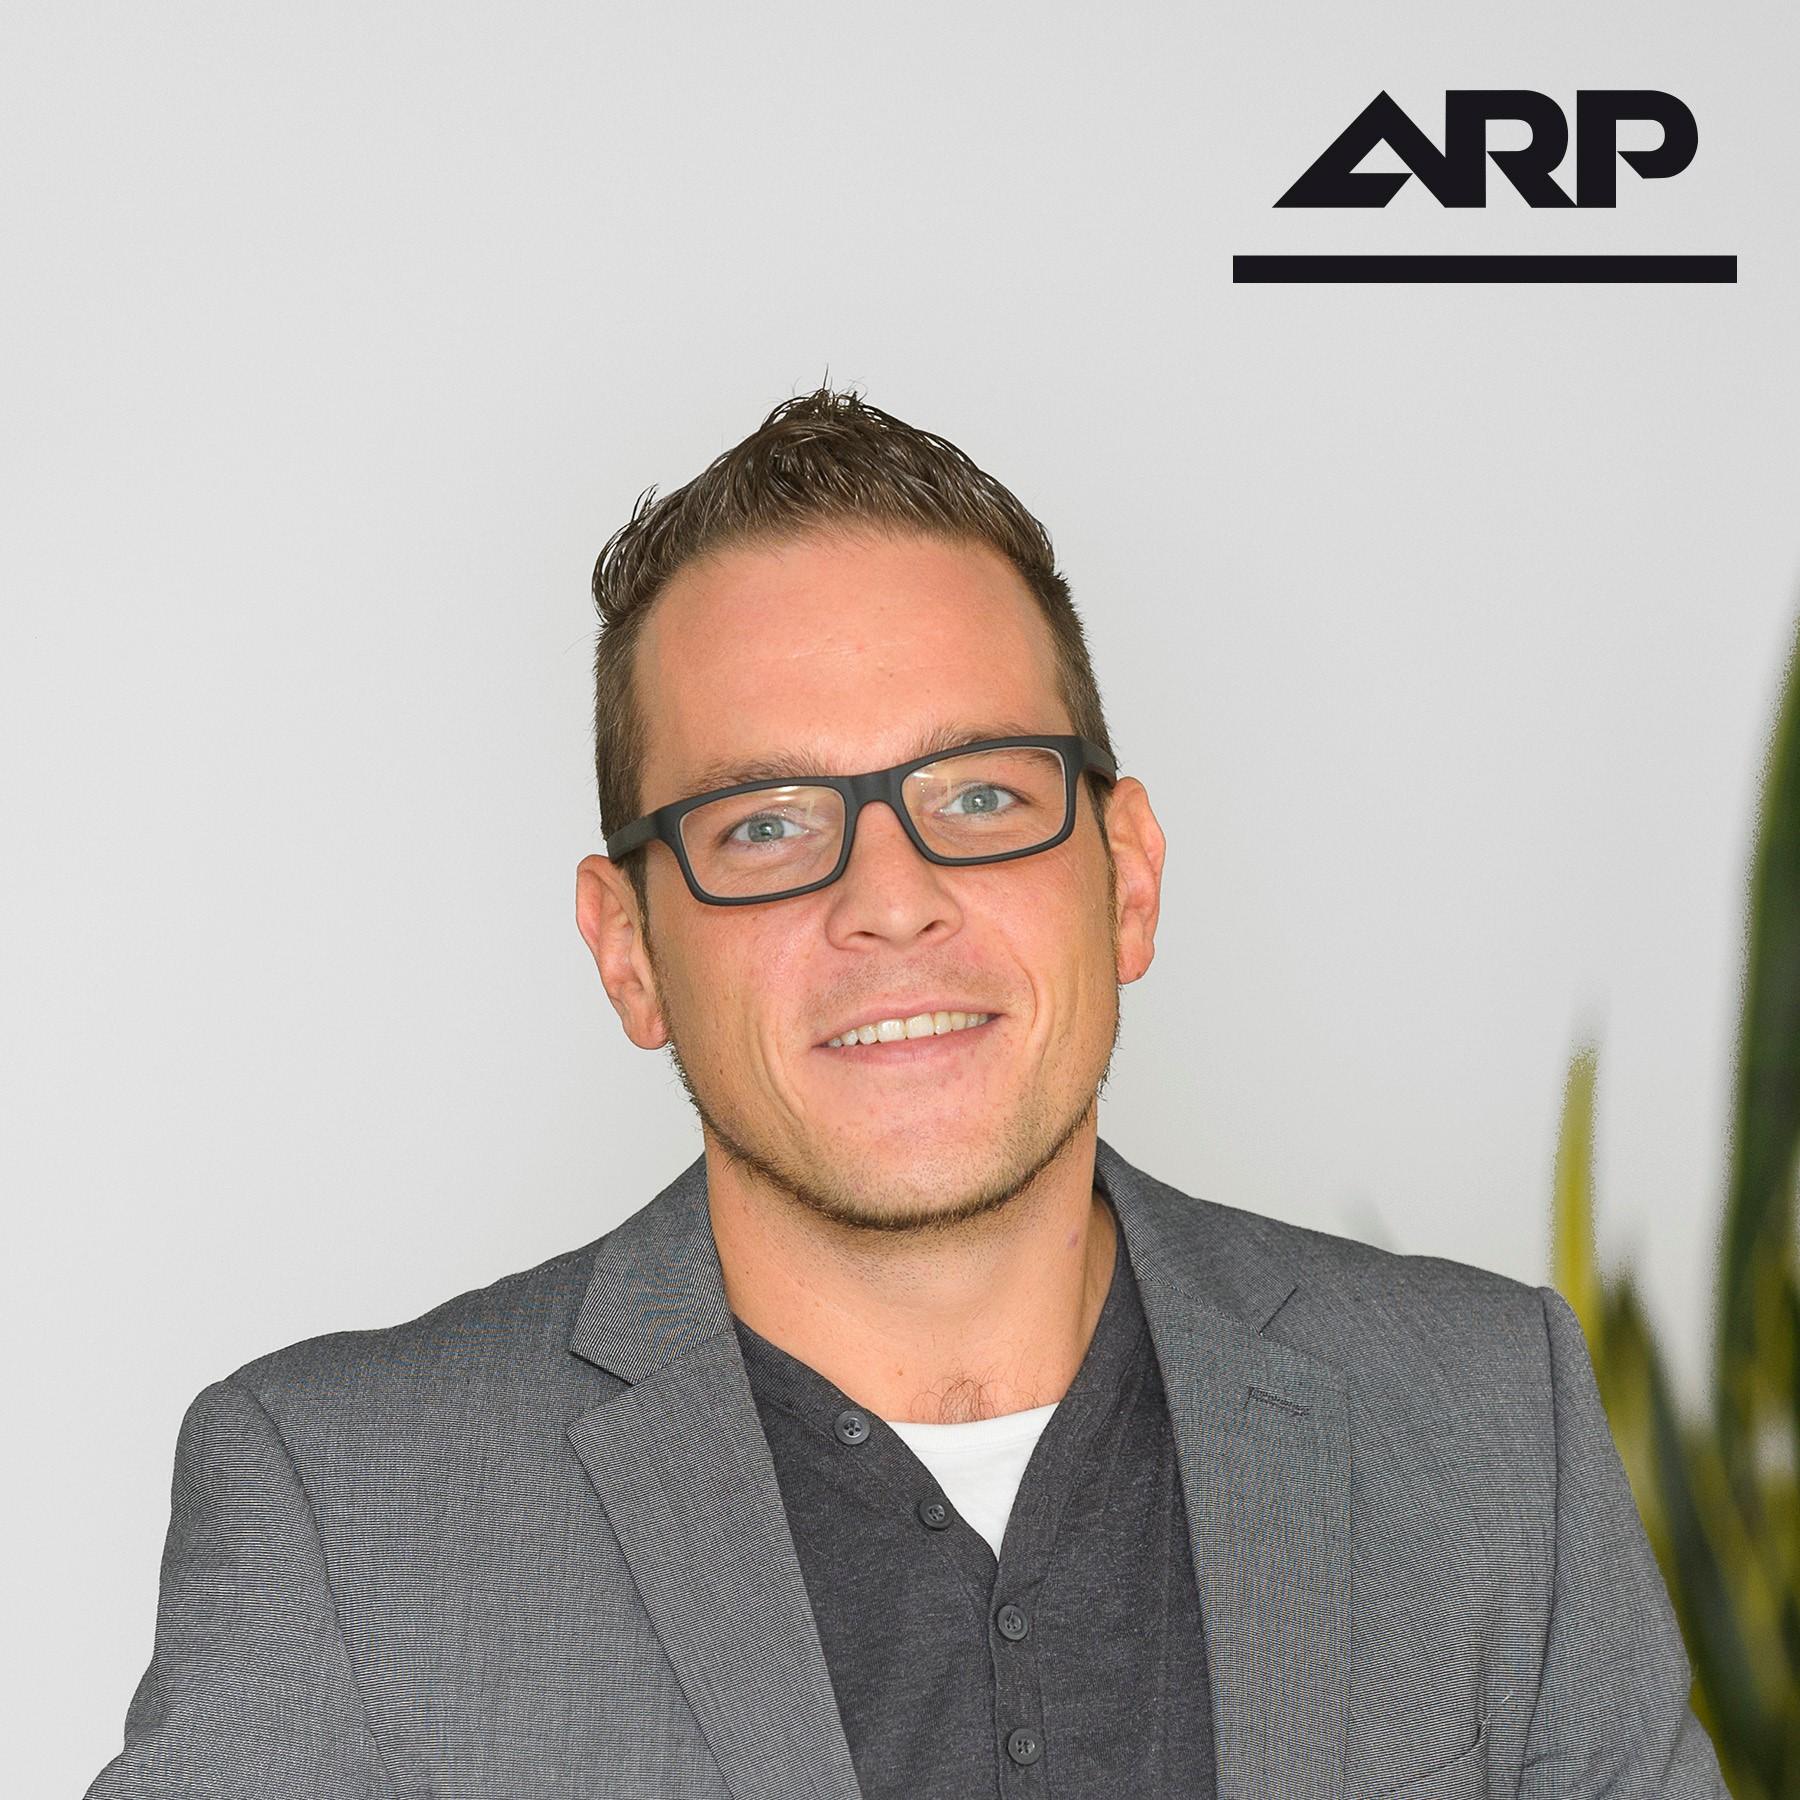 René Abelshausen, ARP (Brand) Developer, ARP Nederland